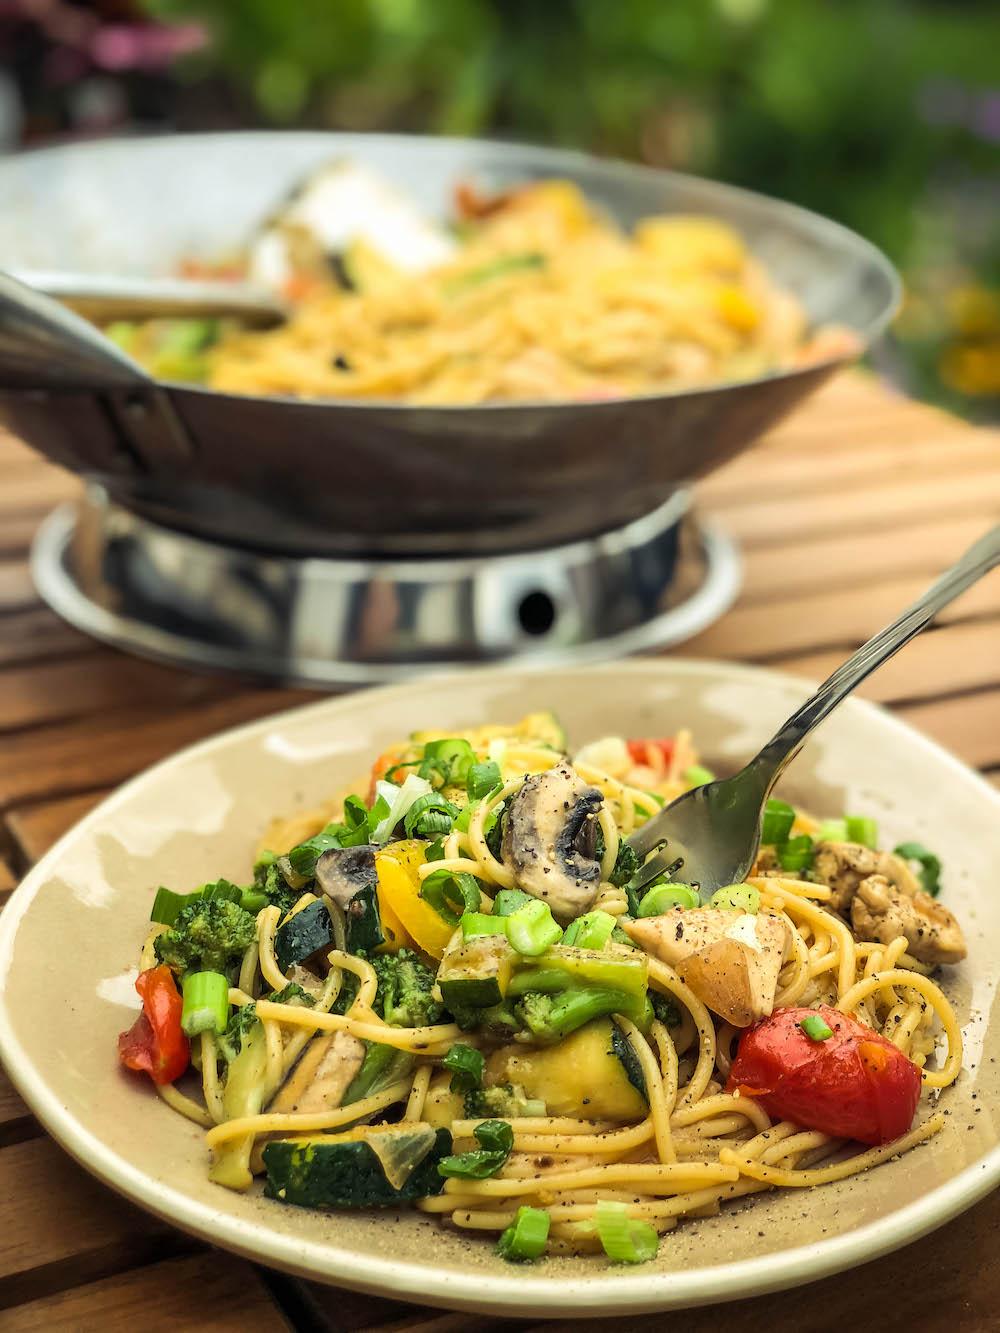 Asiapfanne mit frischem Gemüse aus dem Wok